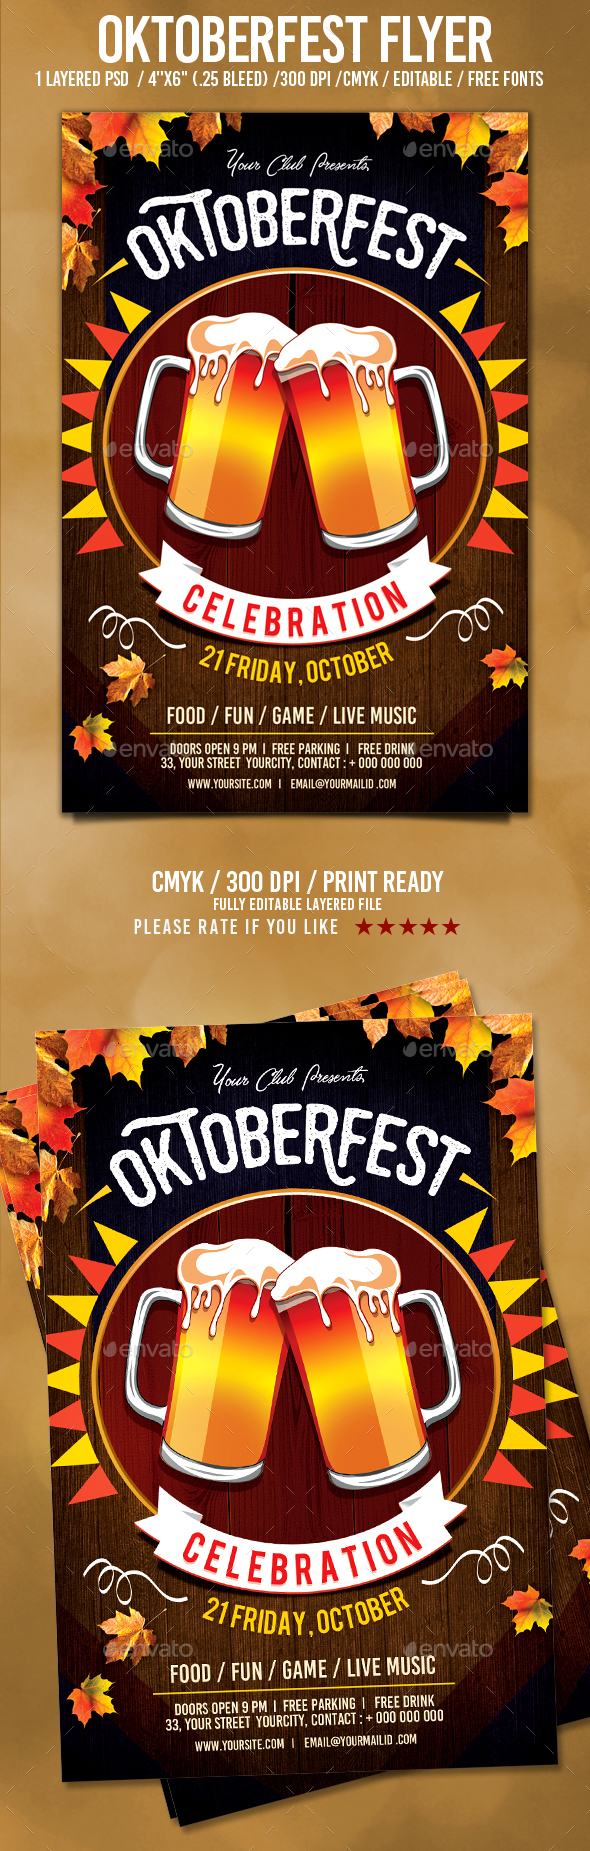 Oktoberfest Flyer